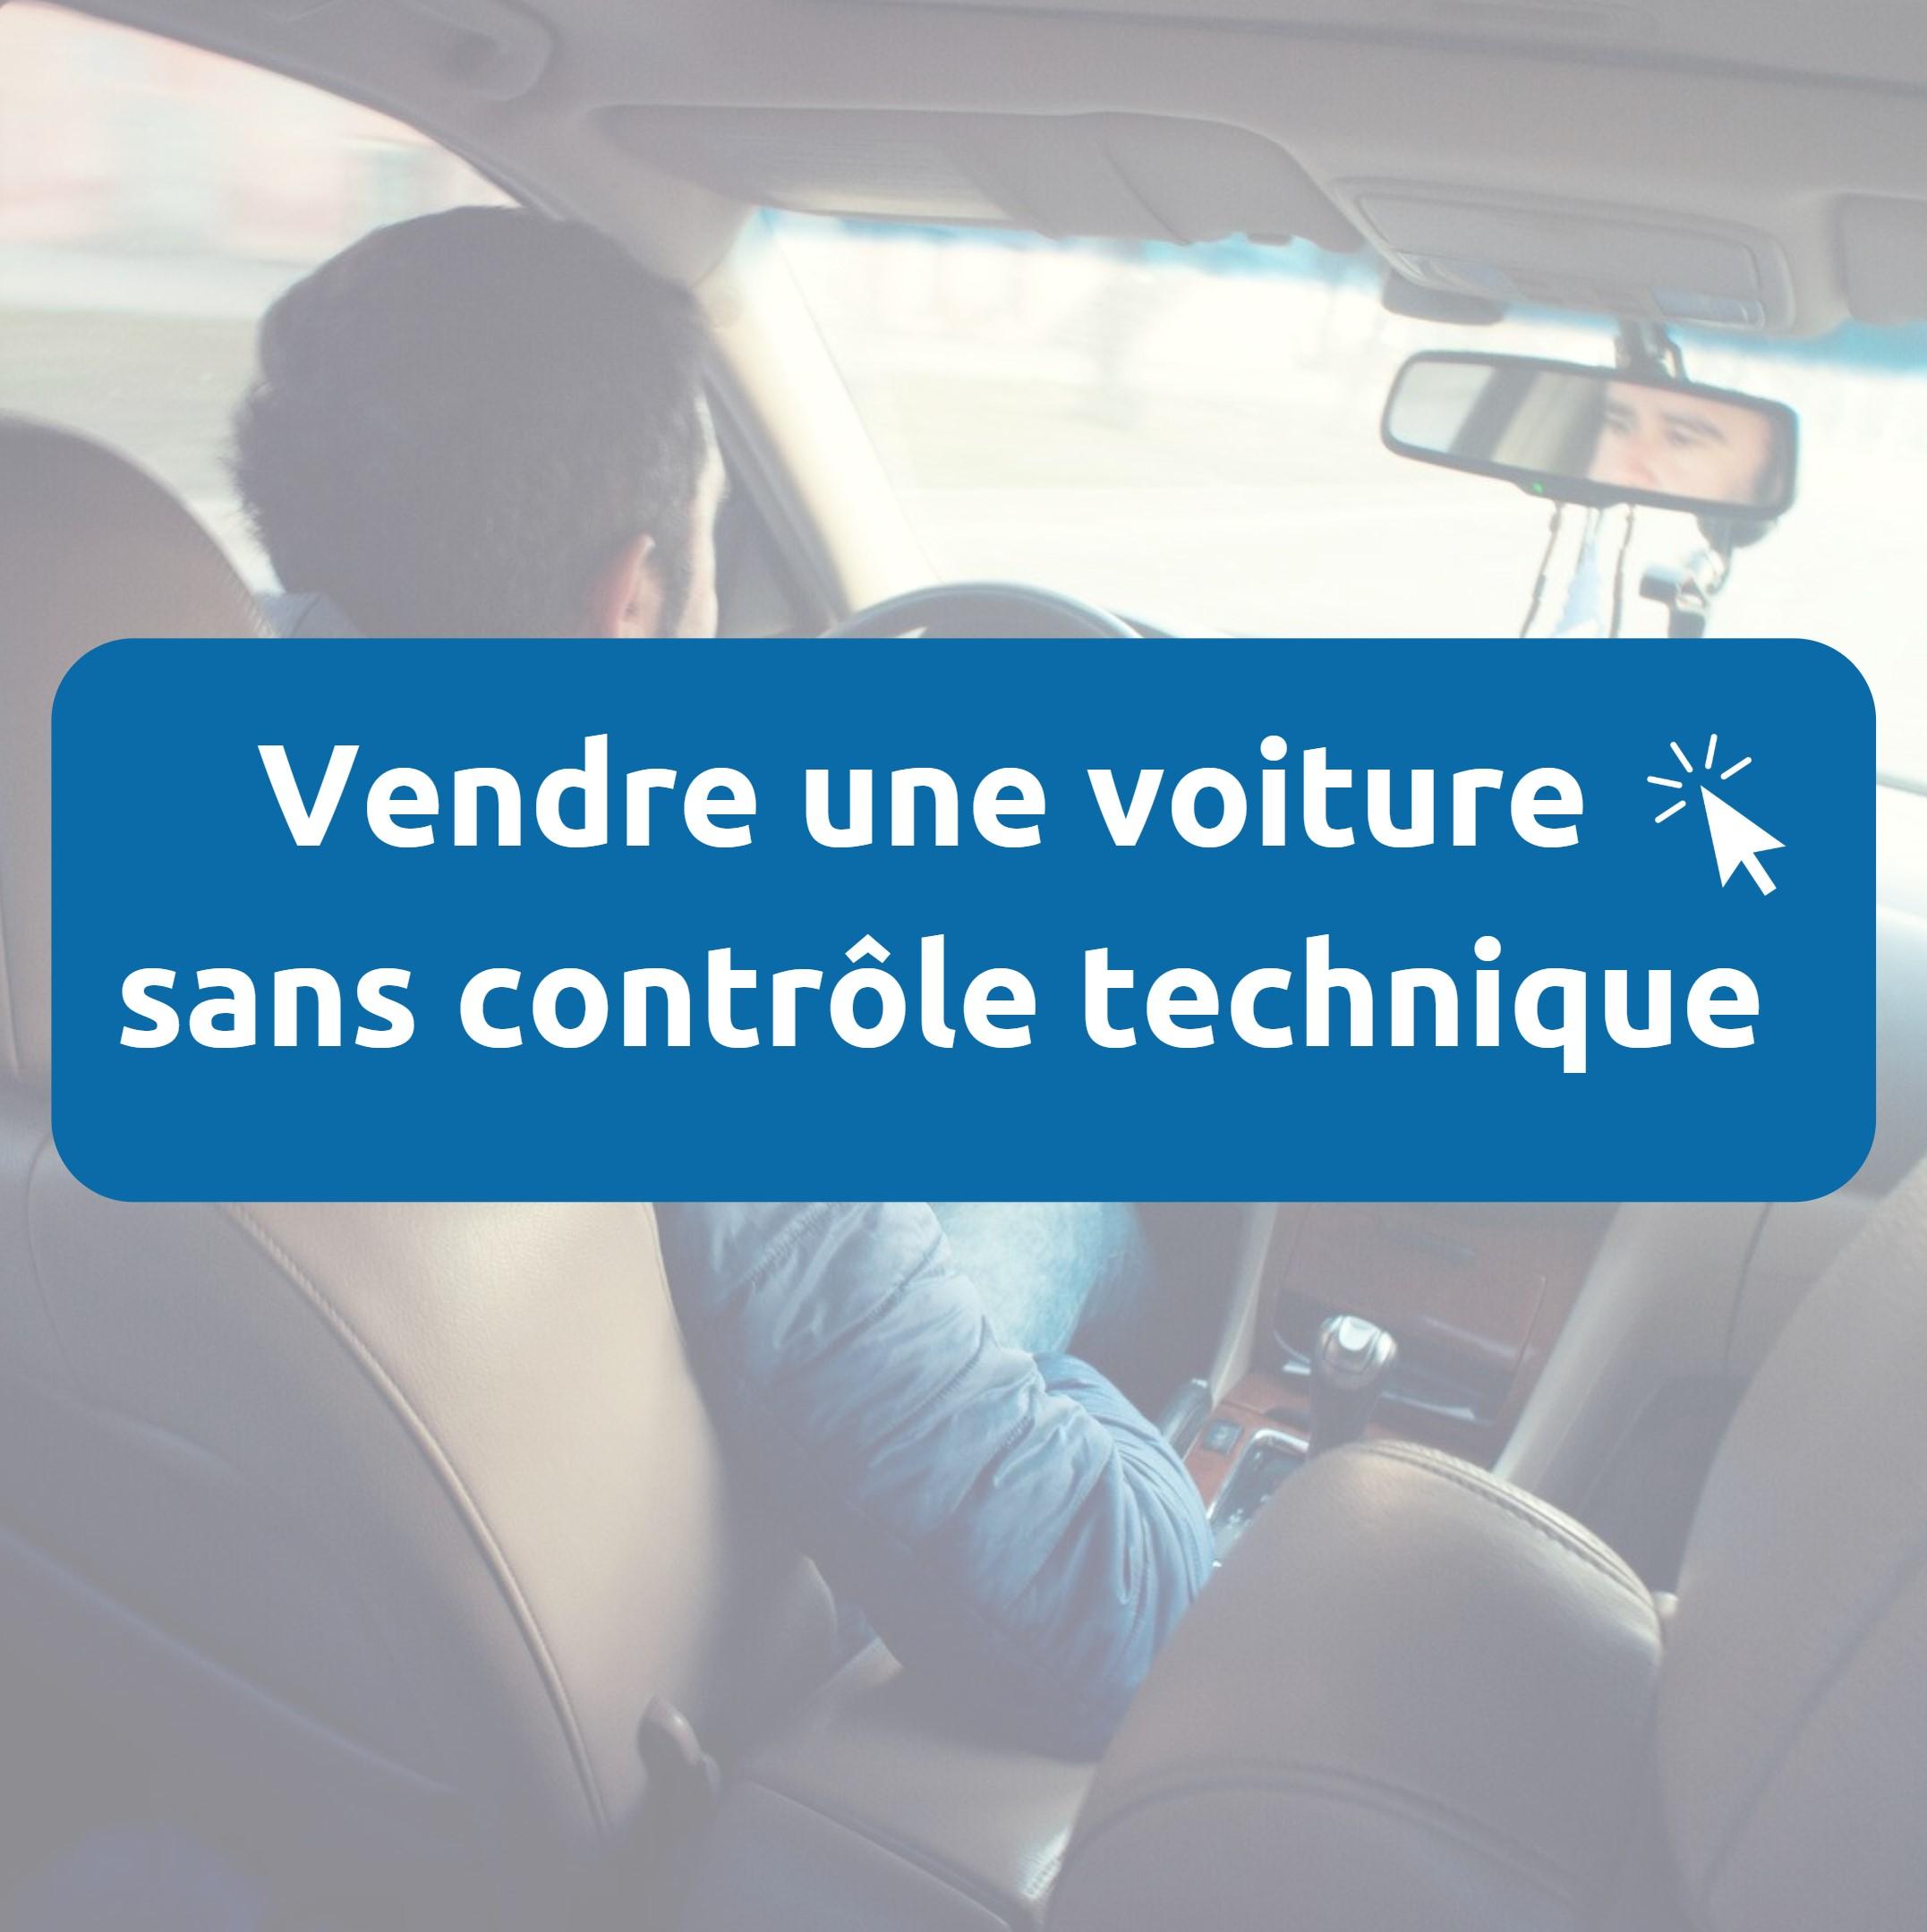 Vendre une voiture sans contrôle technique